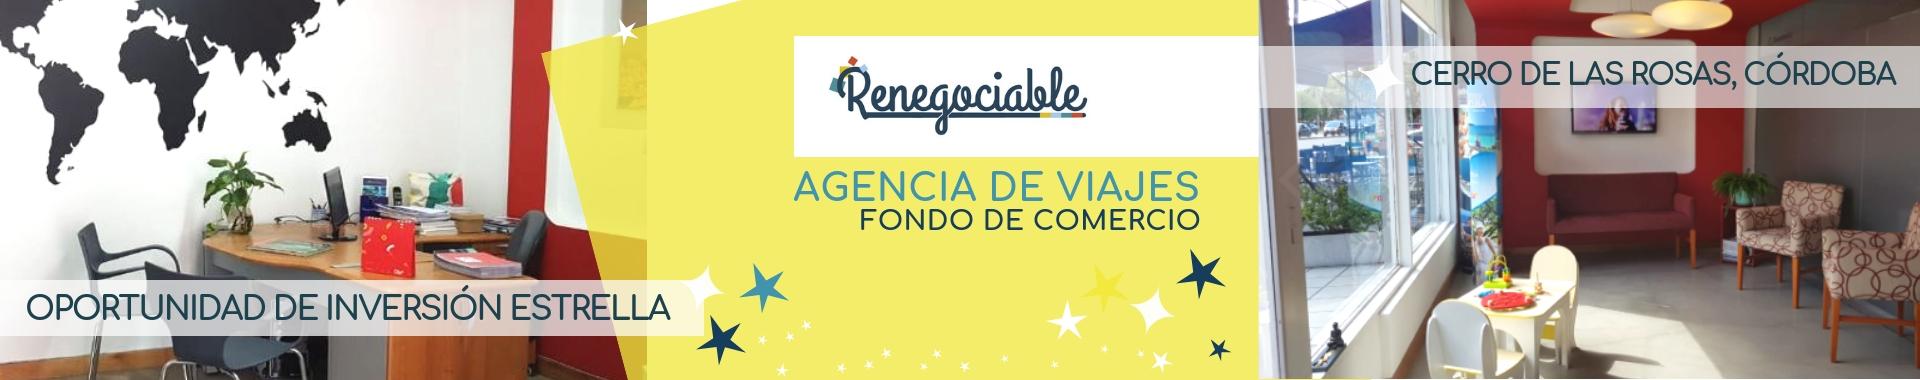 Oportunidad de Inversión Estrella. Fondo de Comercio Agencia de viajes Córdoba.